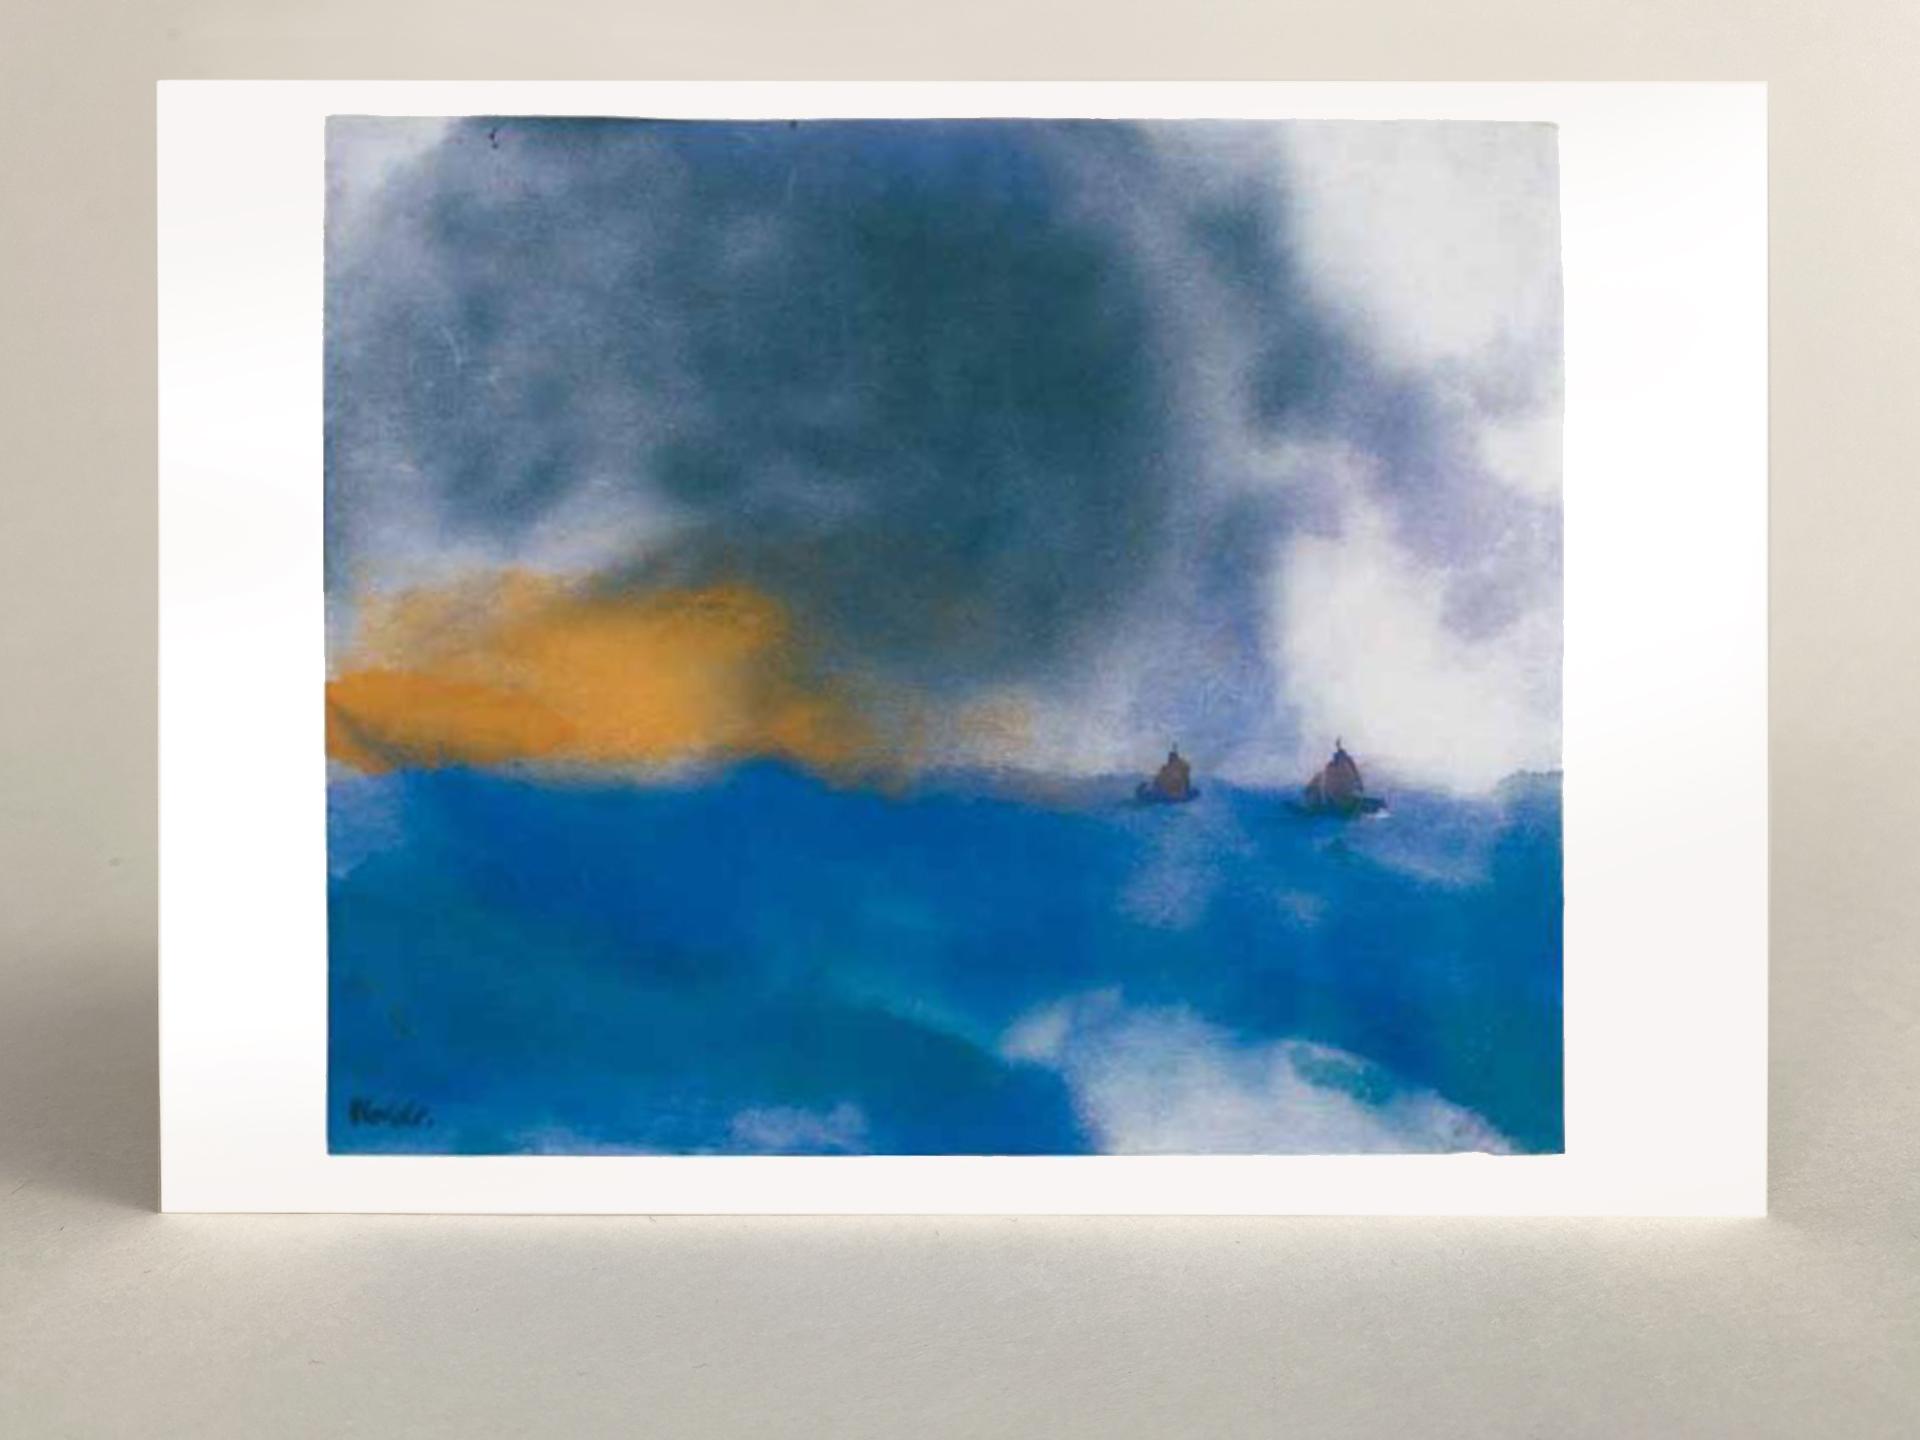 """Kunstkarte """"Blaue See mit zwei kleinen Seglern"""""""